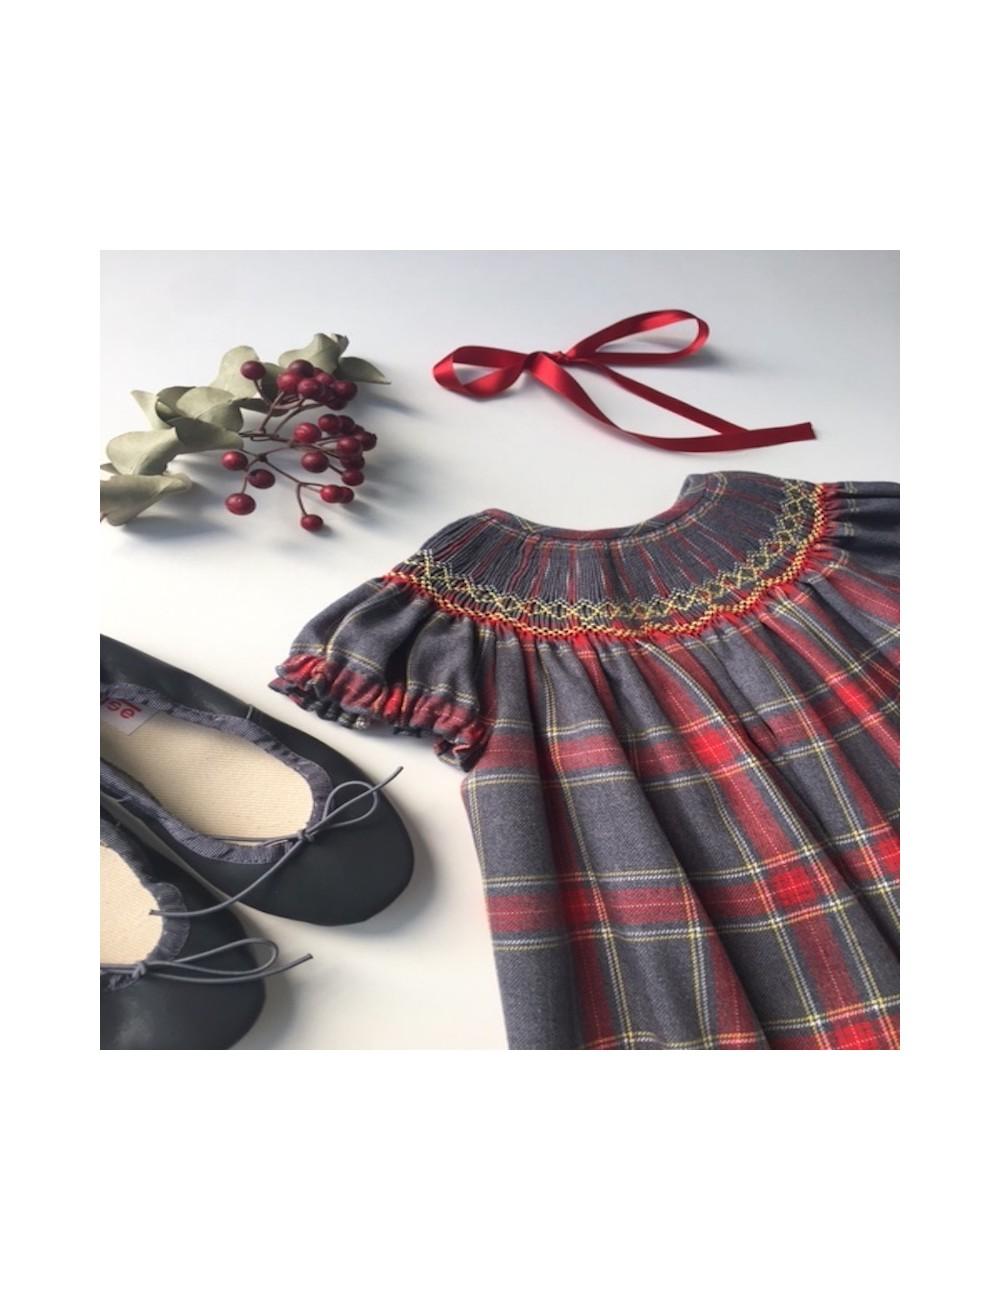 Vestidito tartán cuadro escocés en tonos rojo y gris con bordado nido de abeja y manguita corta, de la marca Dbb